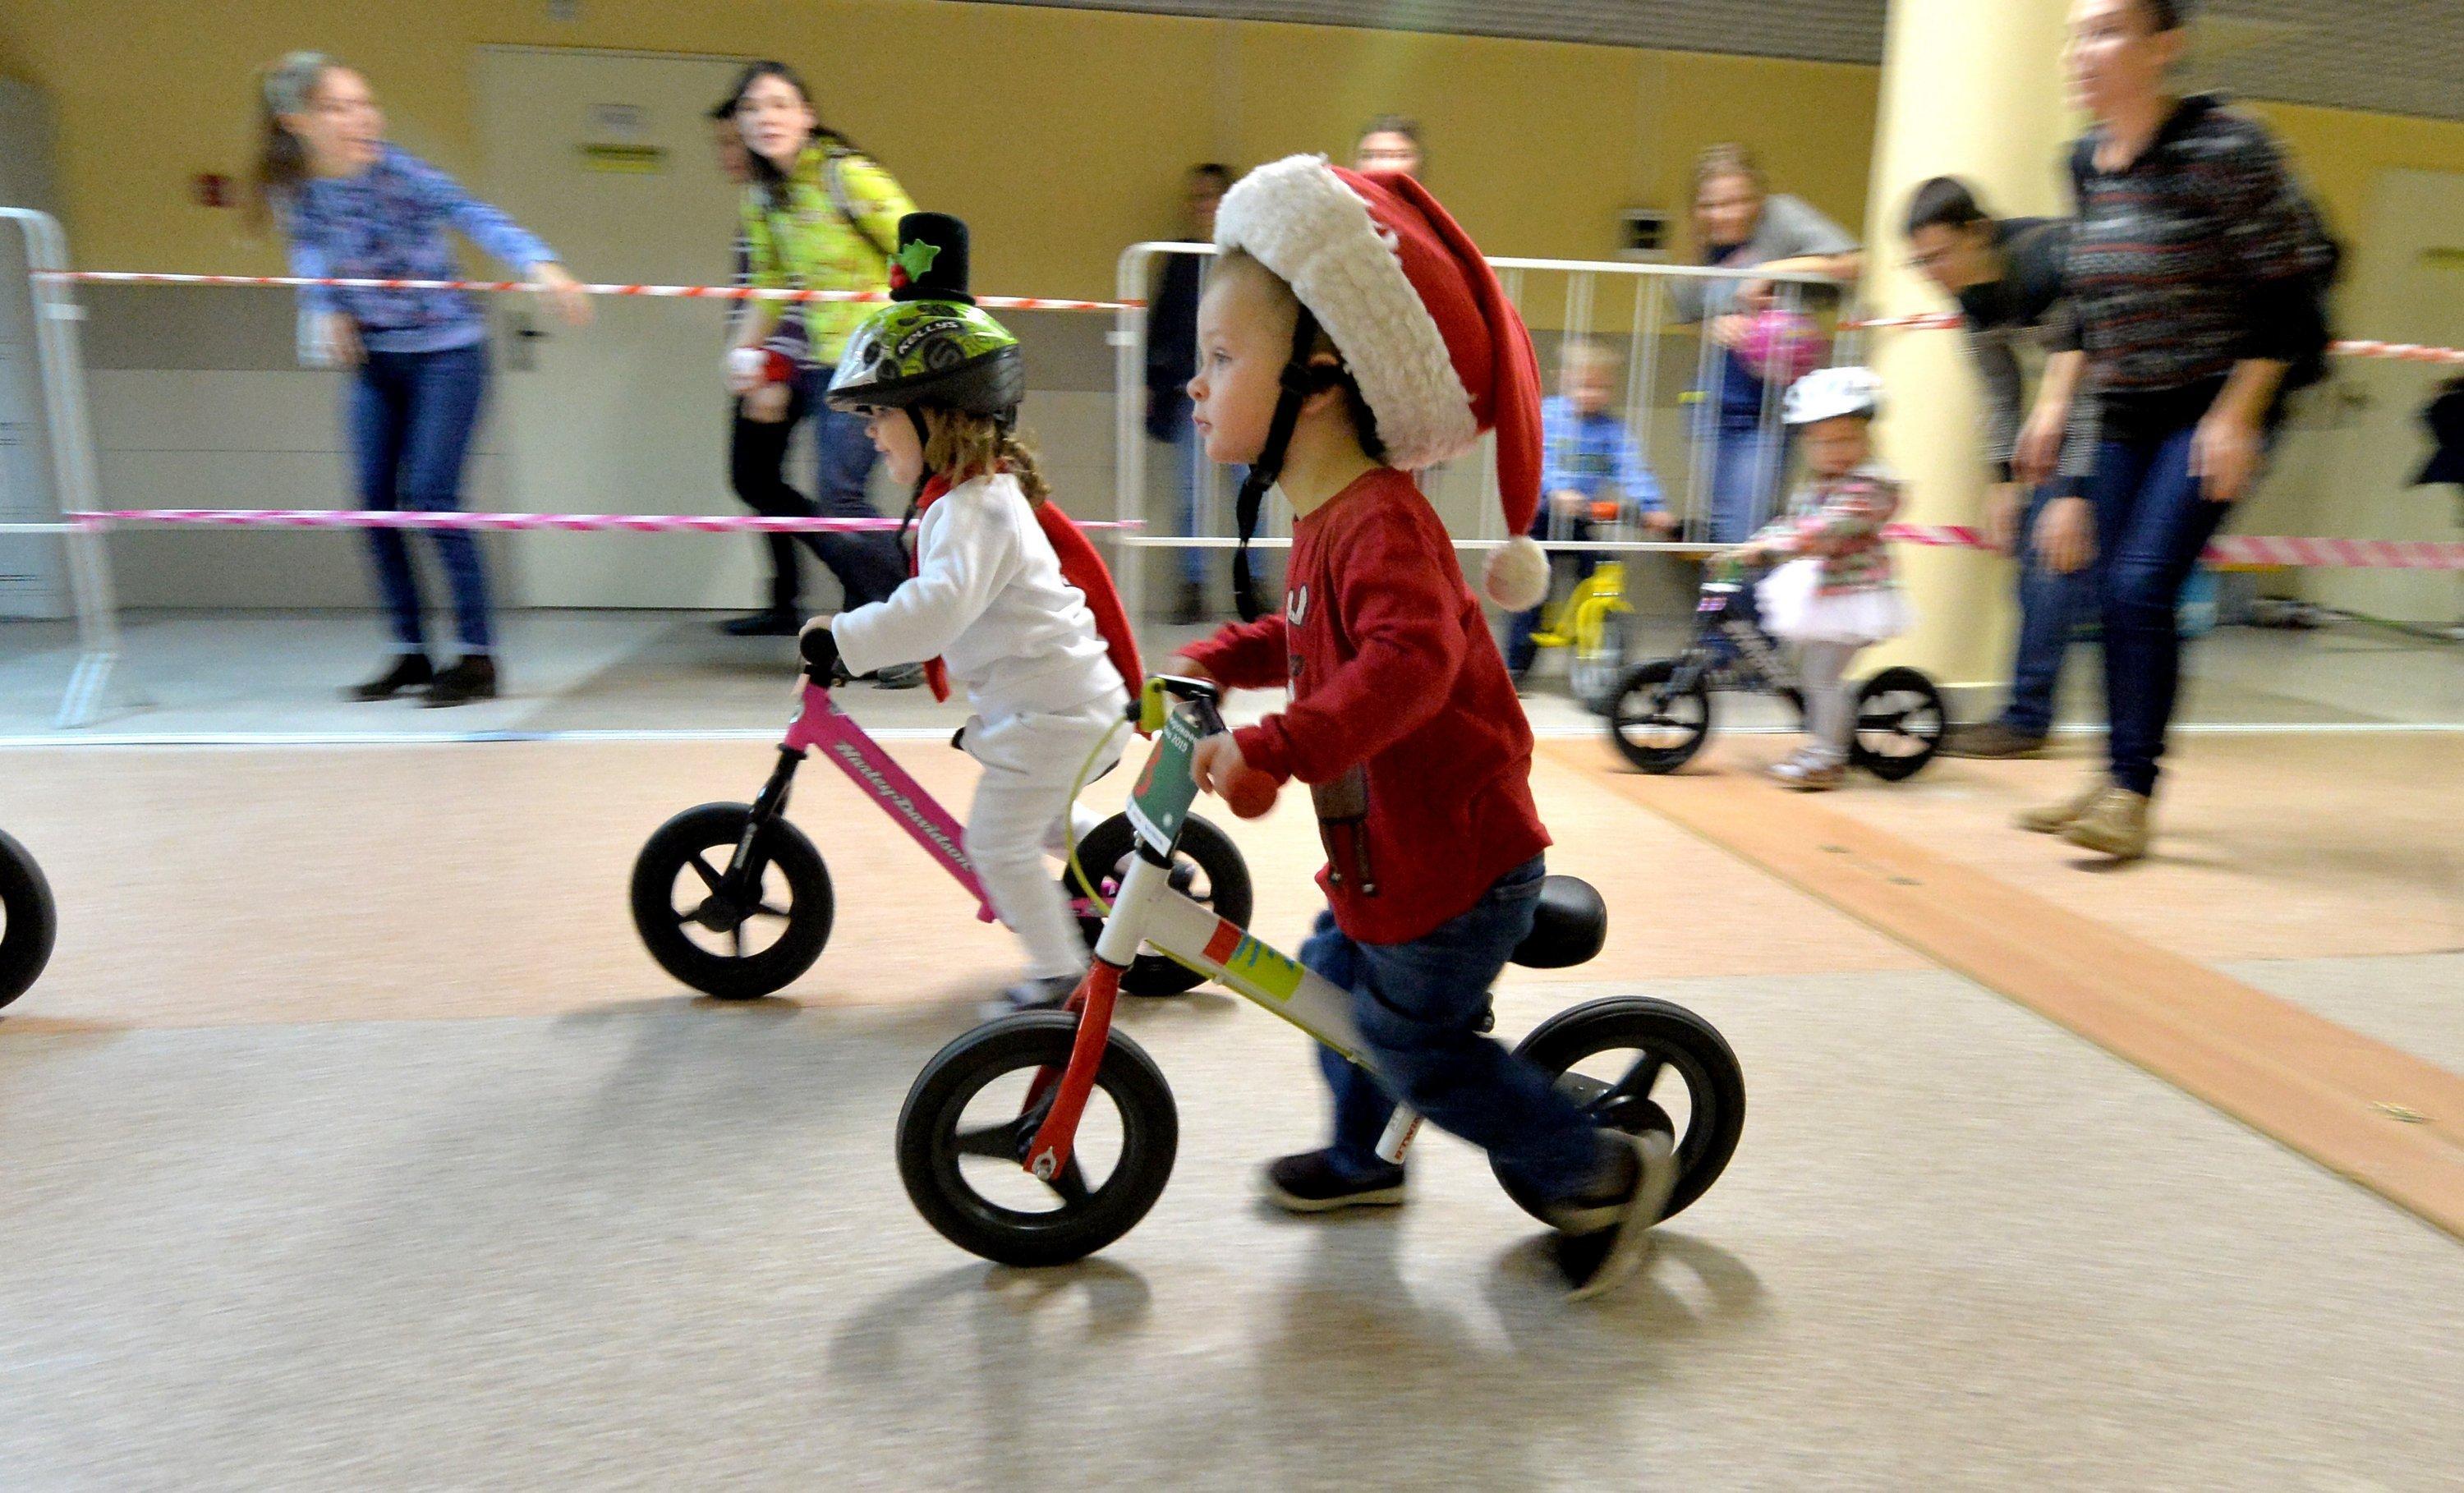 В преддверии Нового года организаторы решили сделать гонку костюмированной